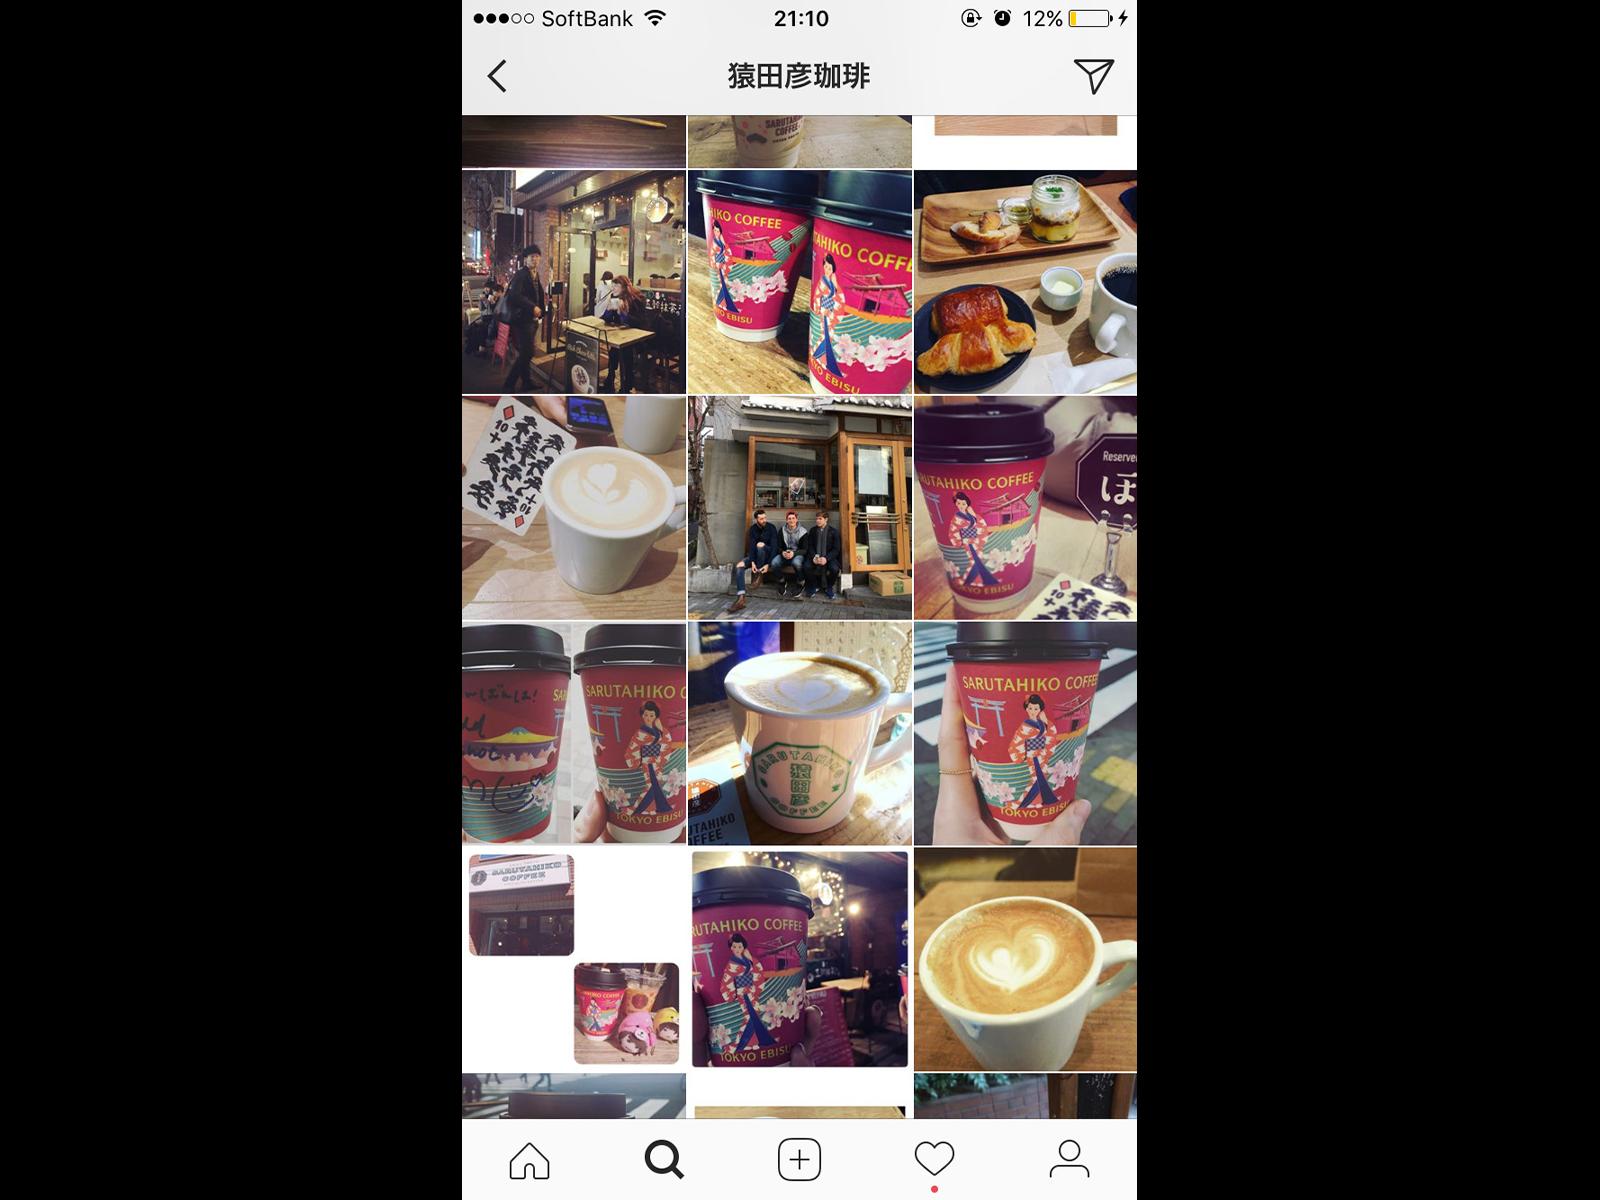 猿田彦珈琲の恵比寿店をInstagramで検索すると、テイクアウトカップがずらり!